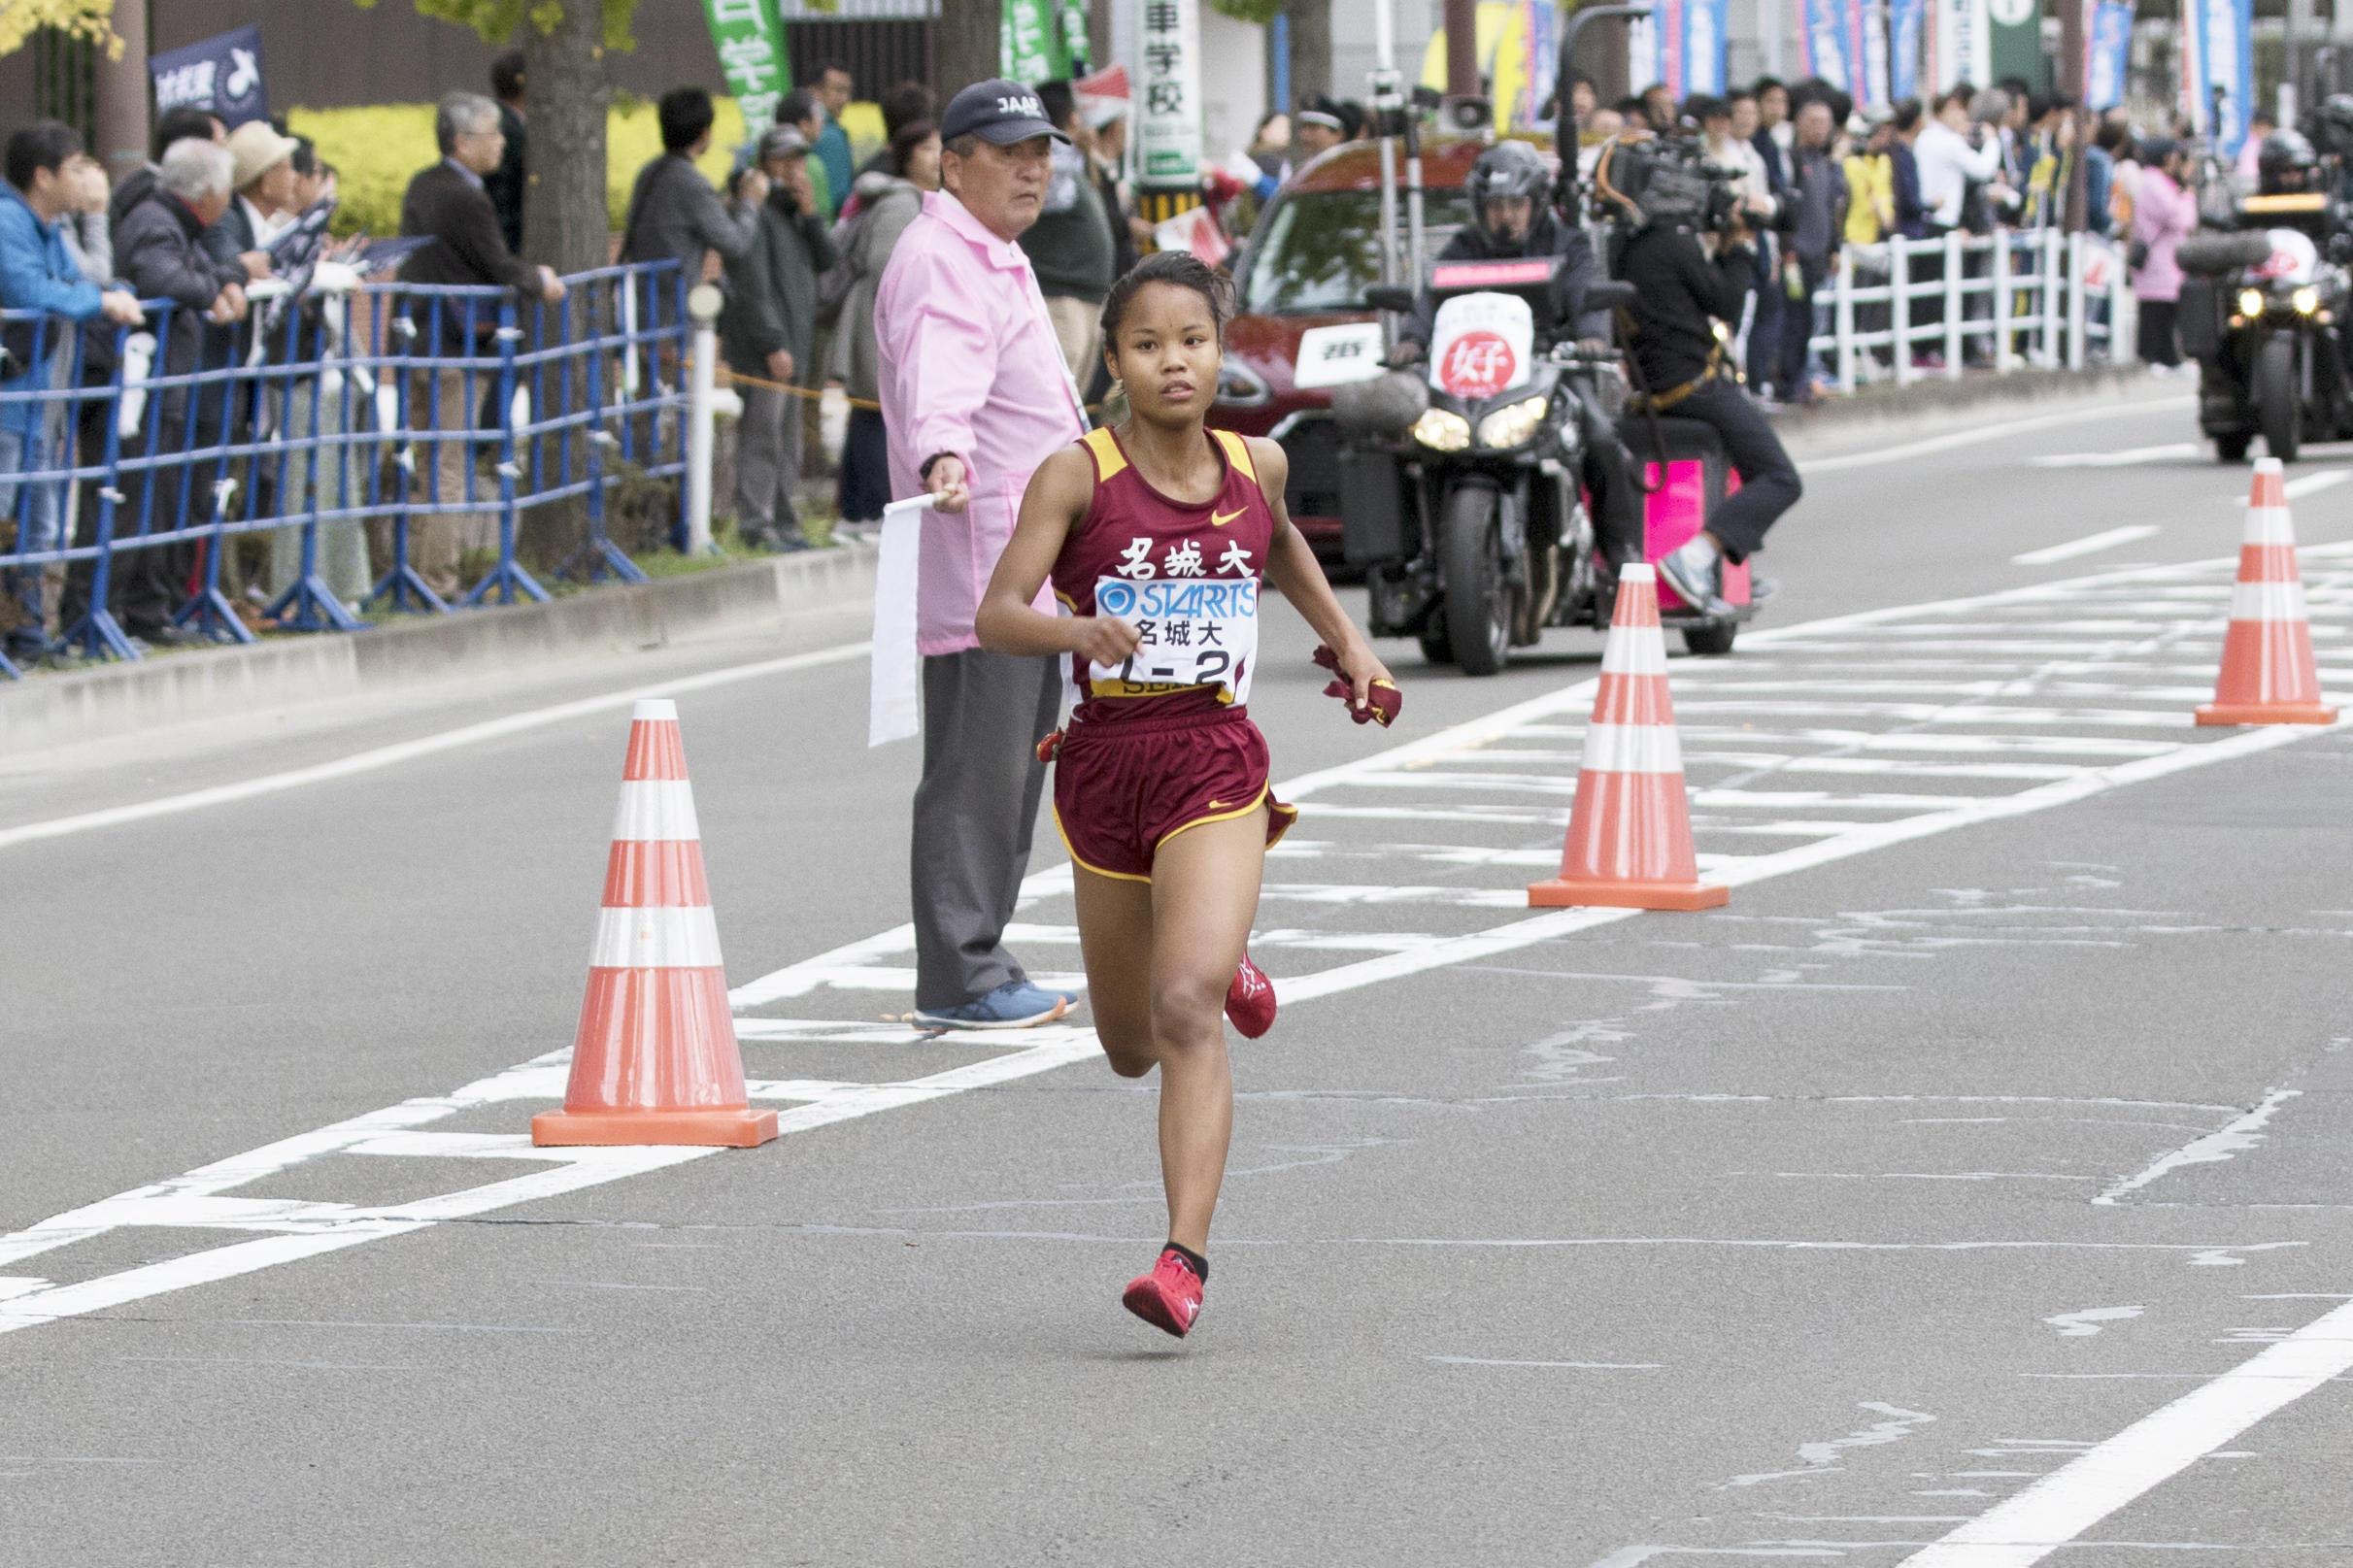 2区髙松智美ムセンビ選手の8人抜きで首位に立つ名城大学